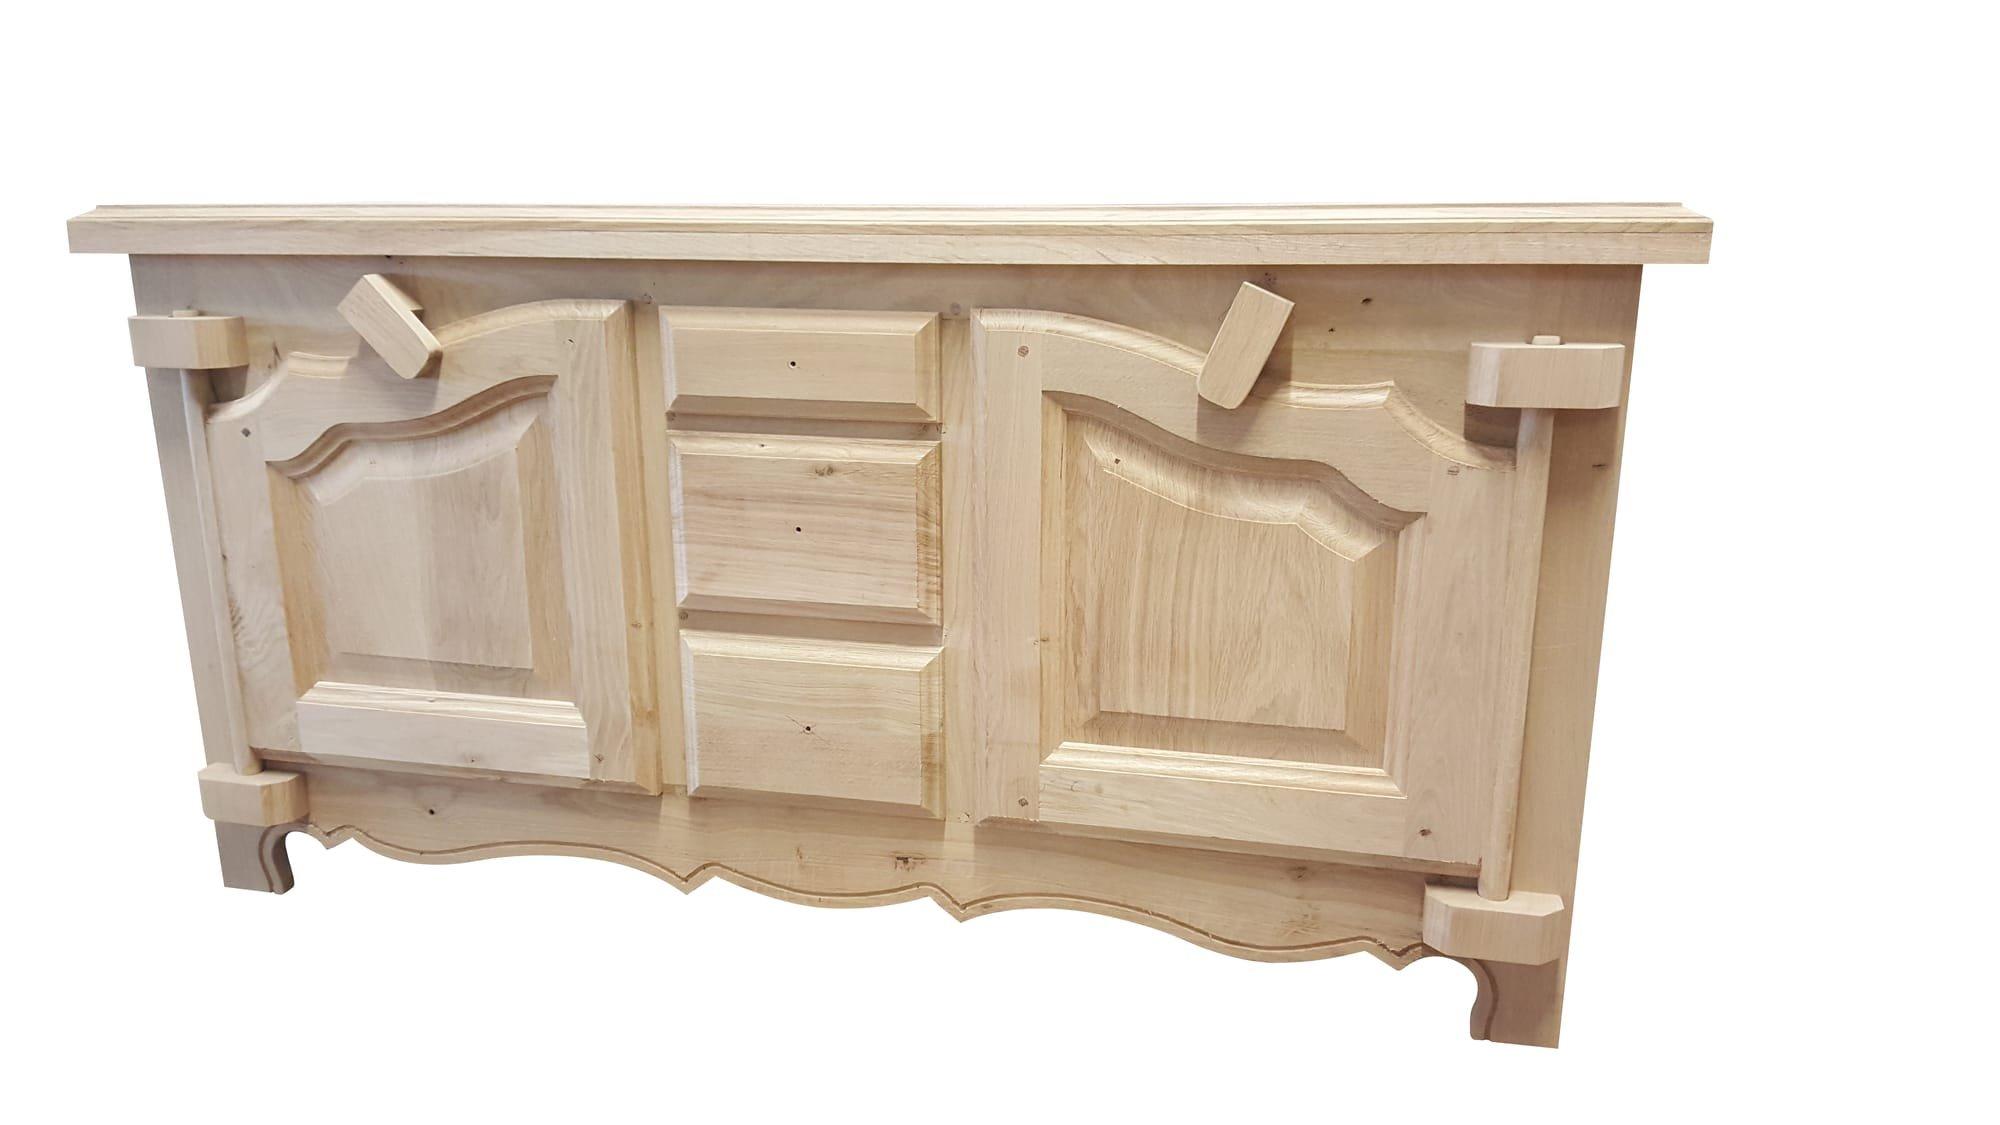 meubles bel coupiac cheap magasins de meubles en belgique best of cuisine magasin du. Black Bedroom Furniture Sets. Home Design Ideas